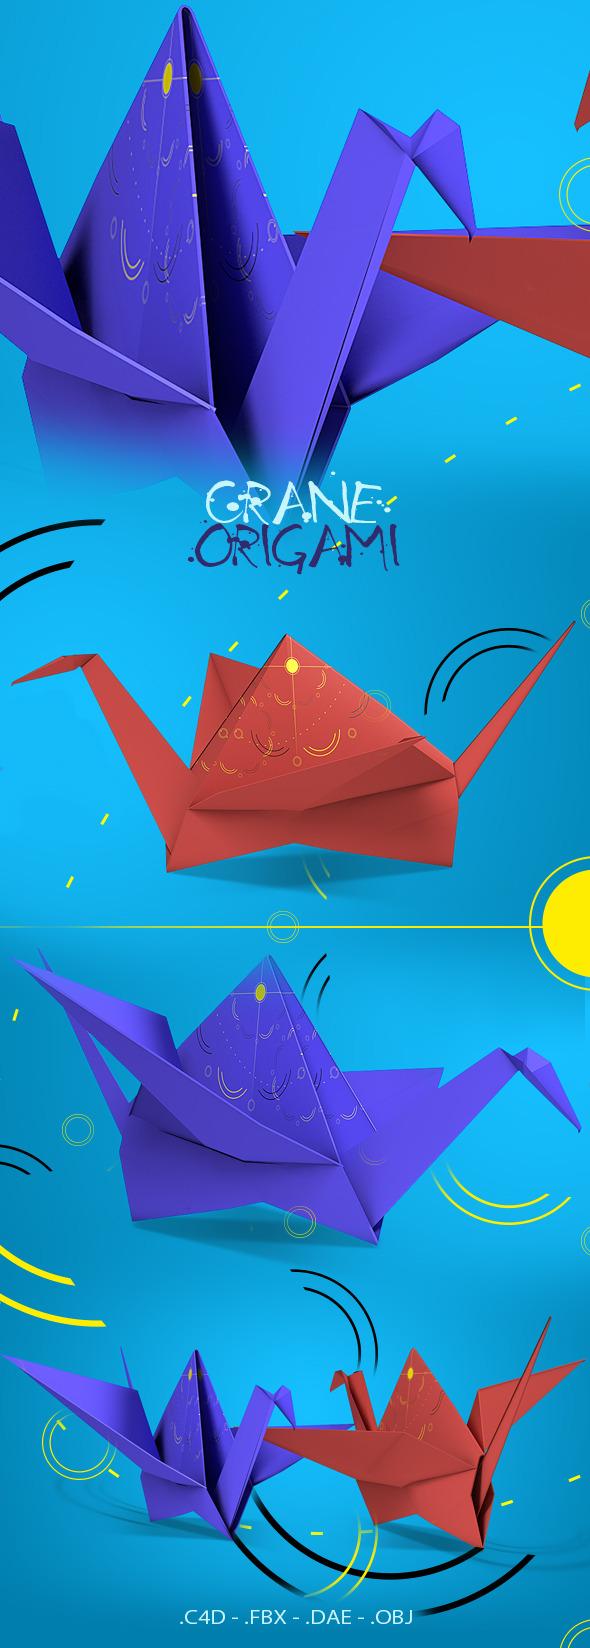 Crane Origami - 3DOcean Item for Sale